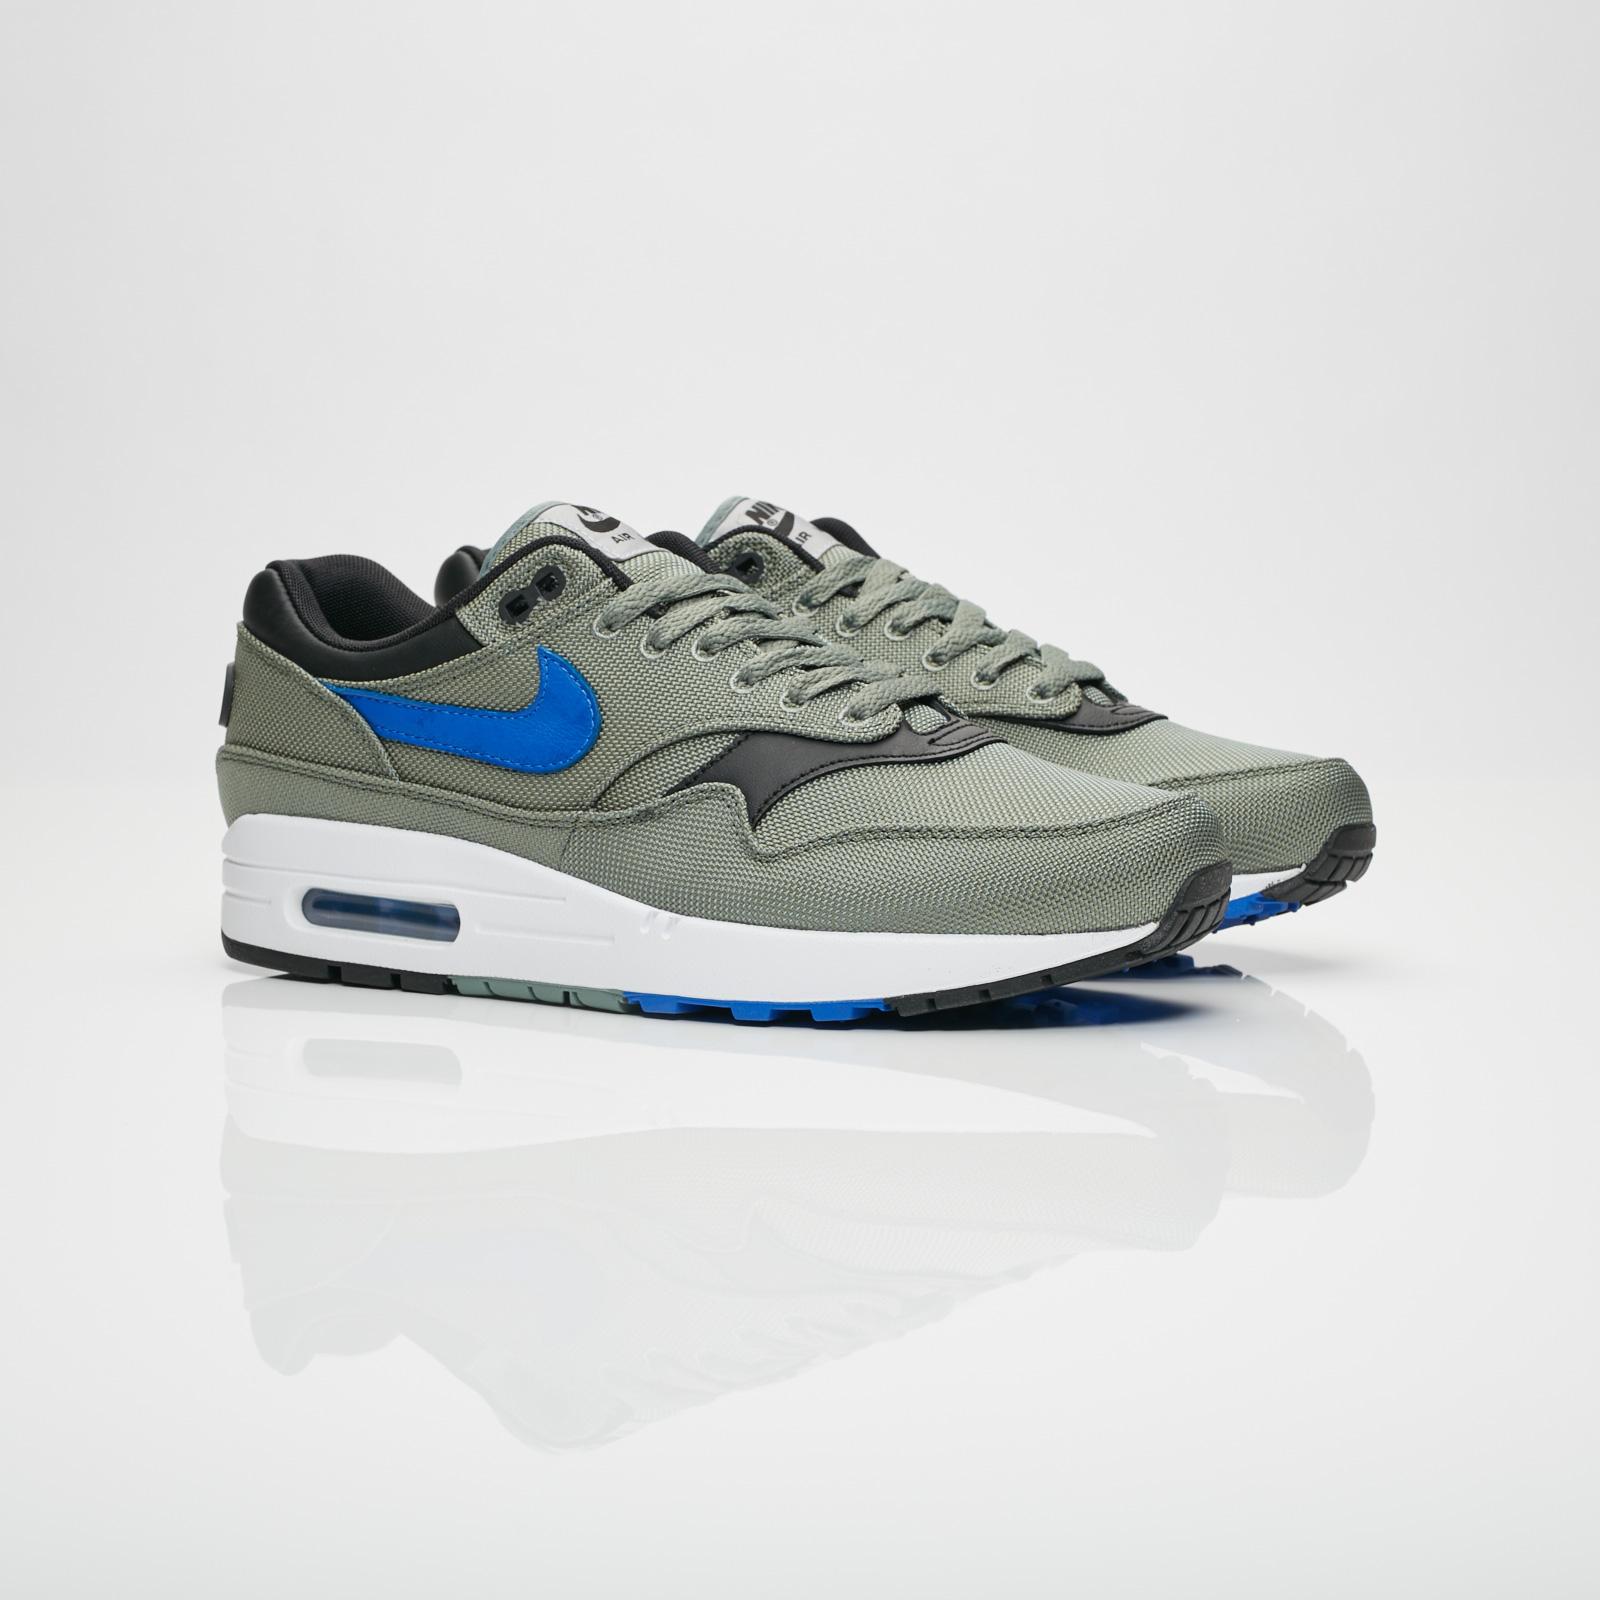 quality design d0eae 79186 Nike Sportswear Air Max 1 Premium